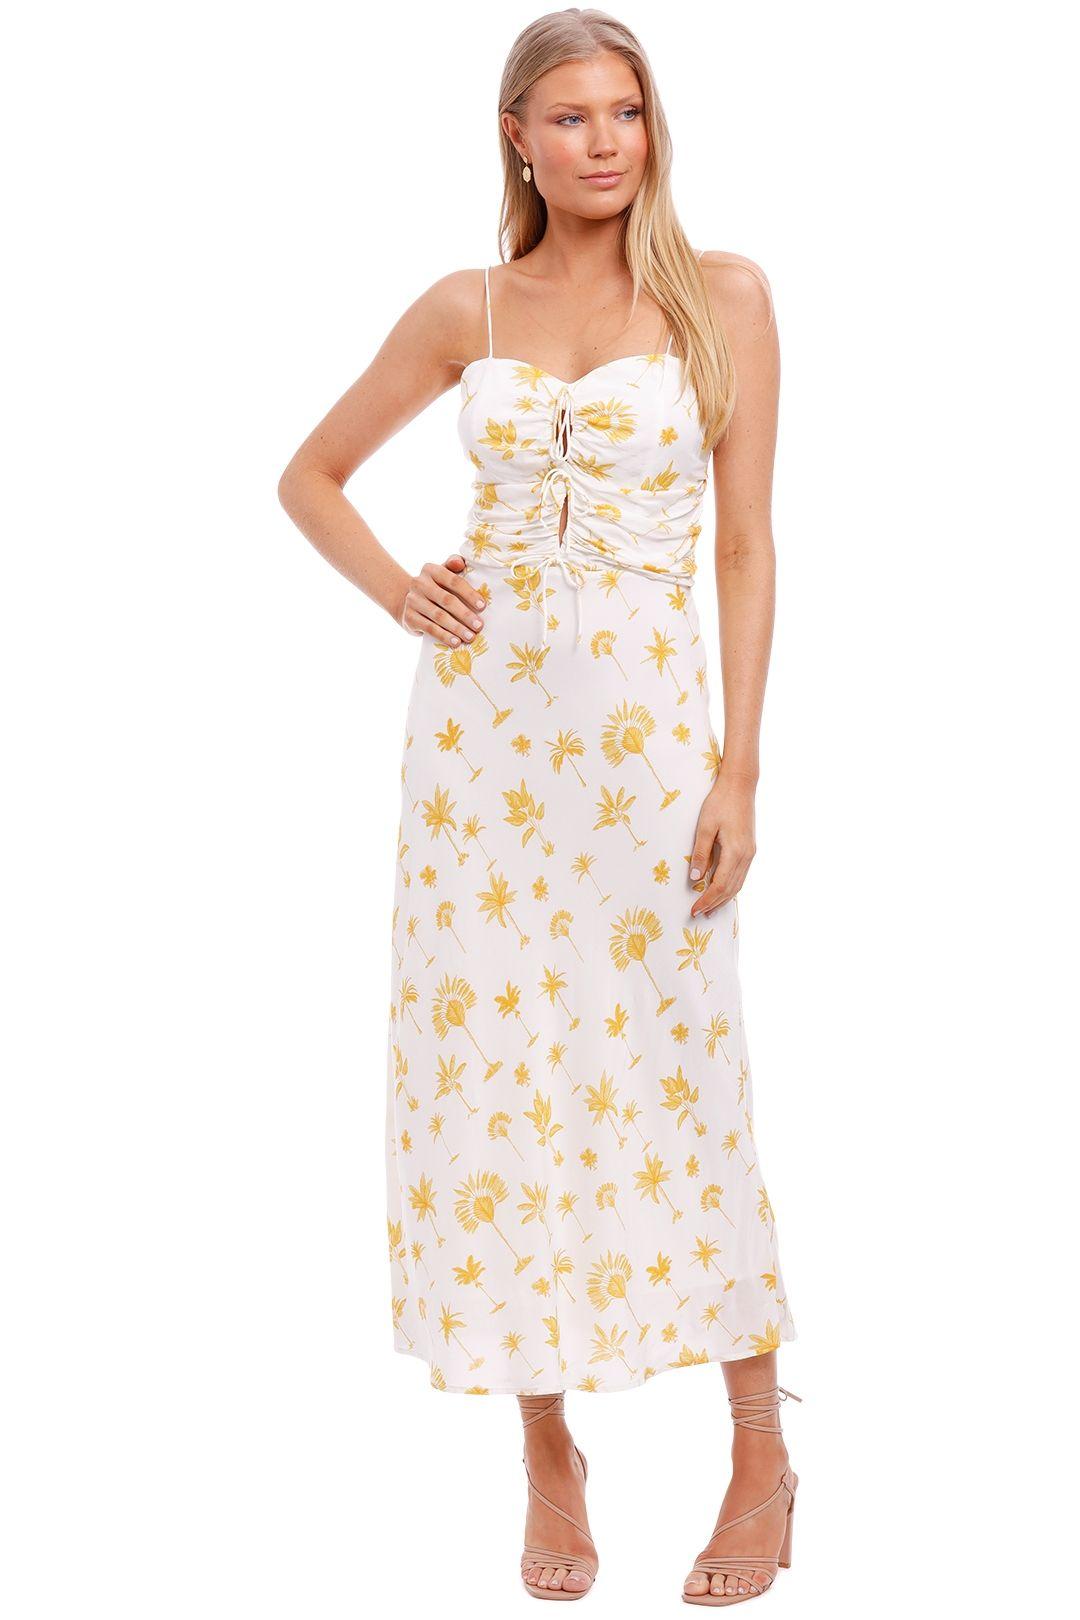 Pasduchas Fiesta Tie Midi White Yellow Print